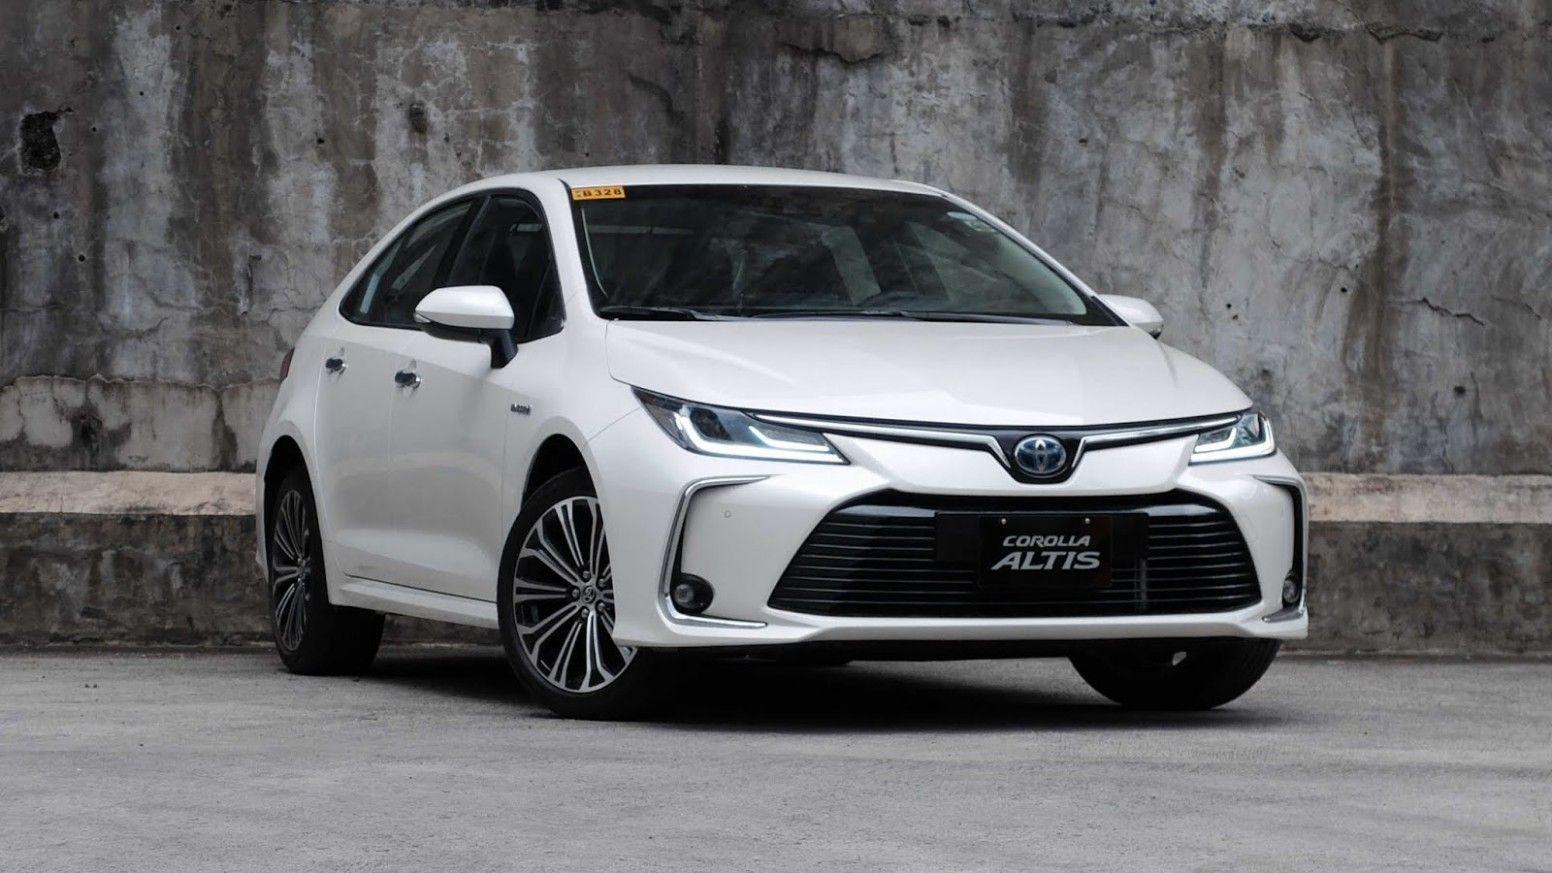 2020 Toyota Altis Exterior Toyota, Lexus gx 460, Lexus gx